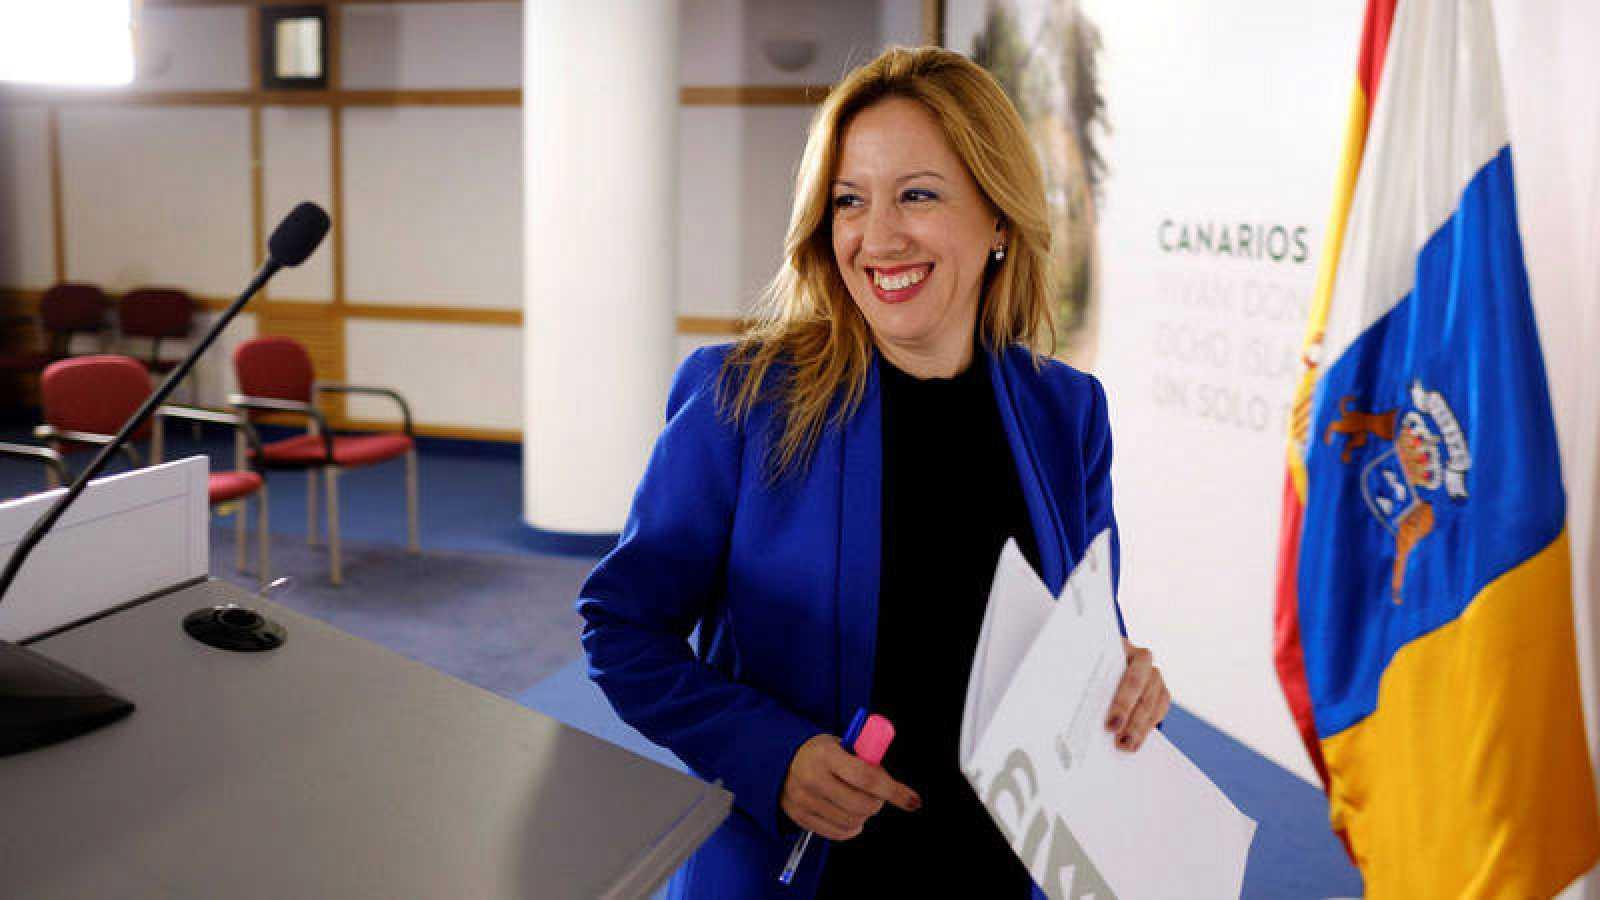 La portavoz y consejera de Hacienda del Gobierno de Canarias, Rosa Dávila